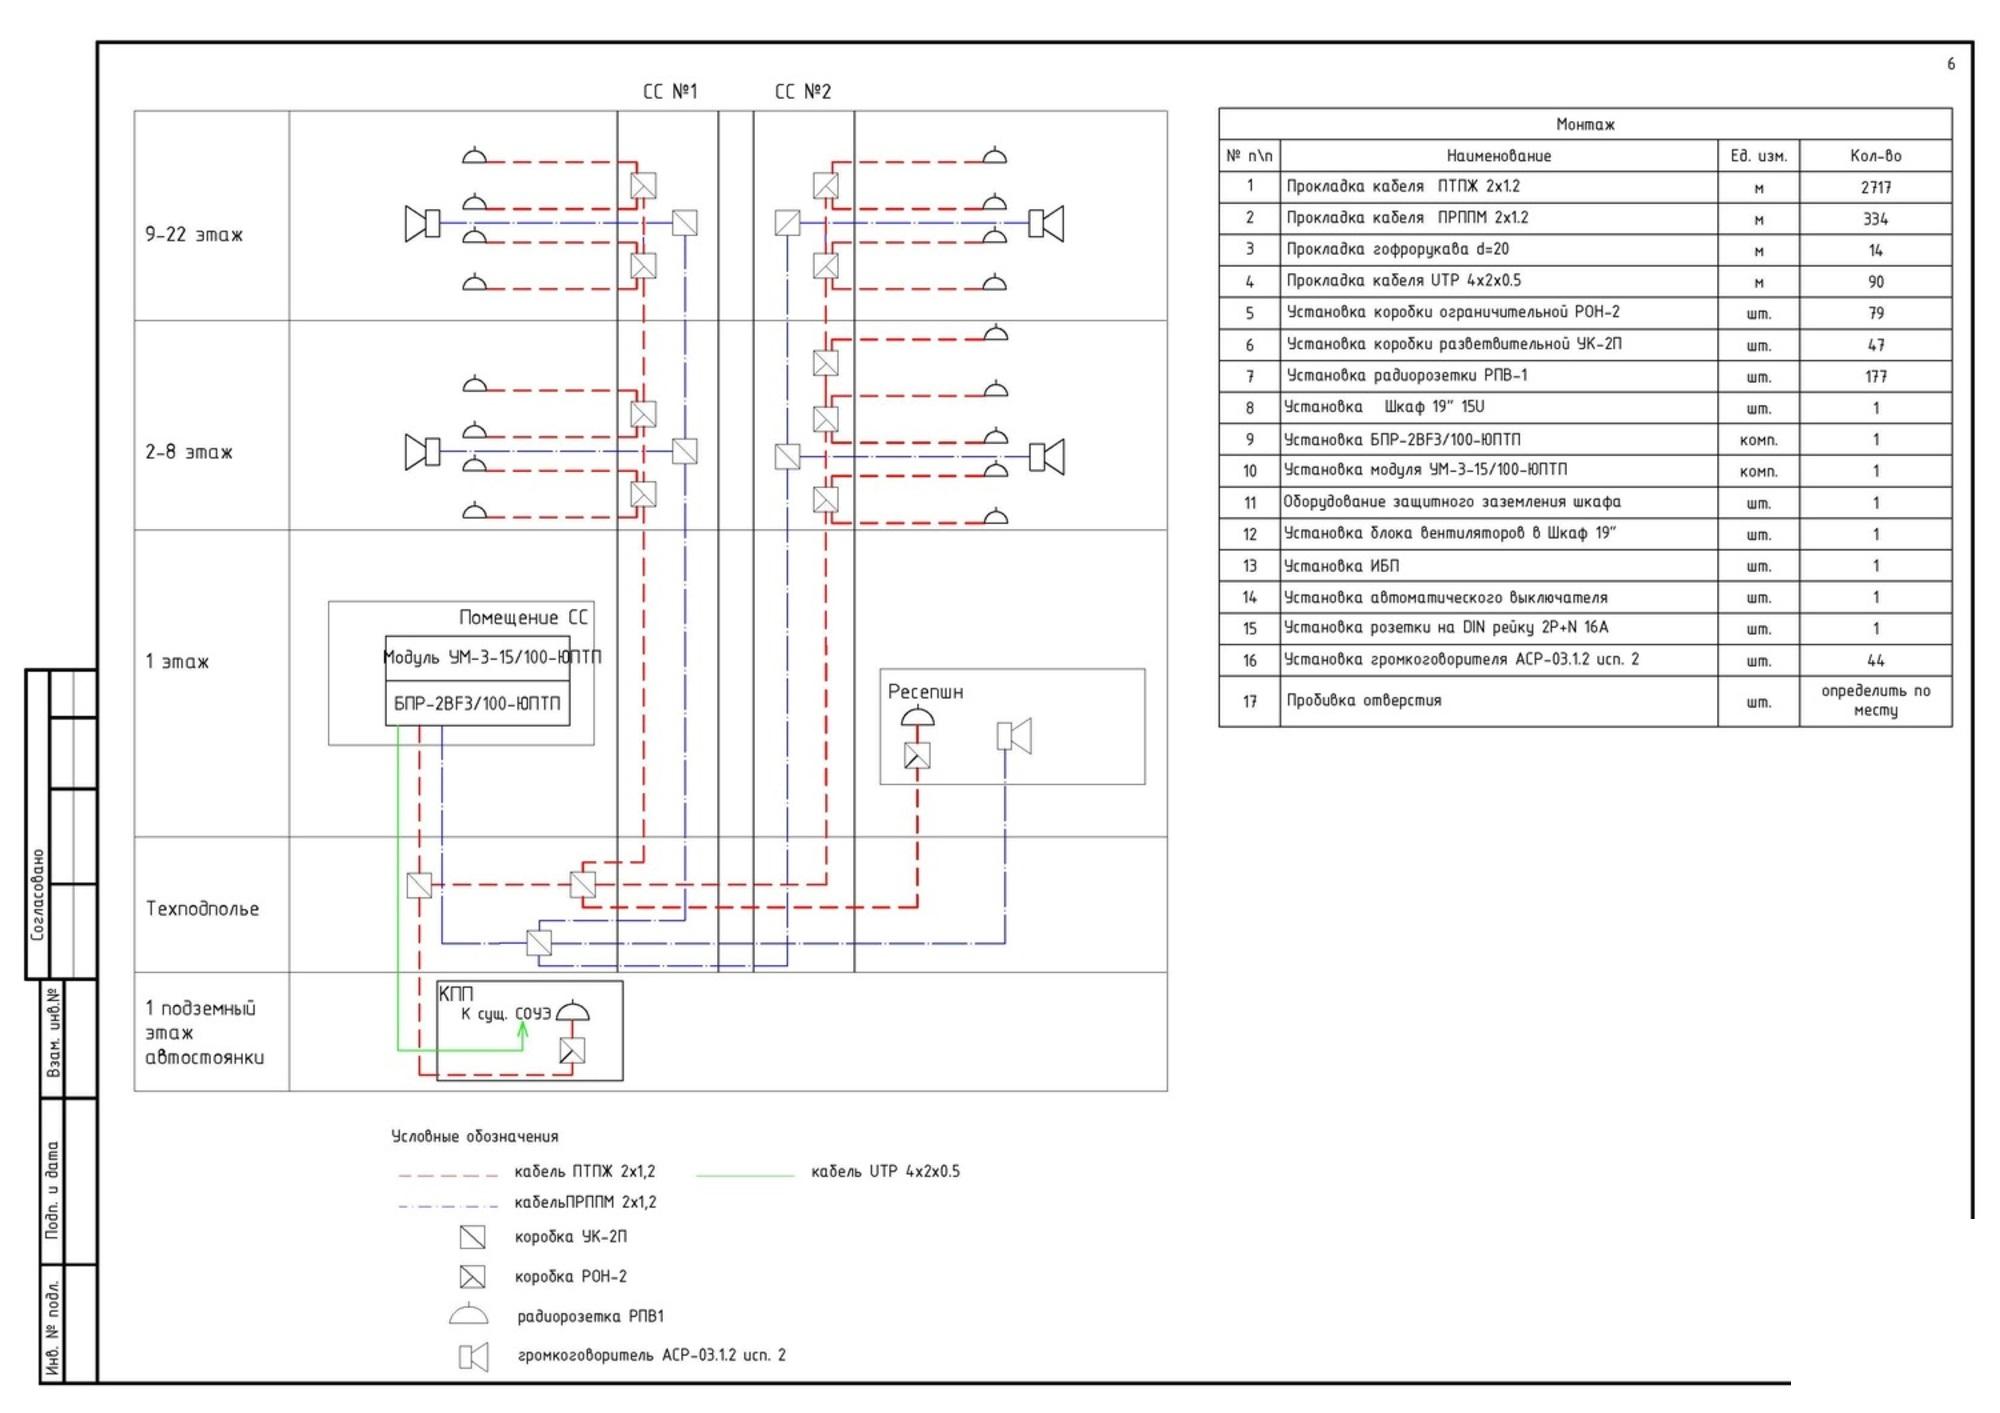 Целью работы инженера-проектировщика является подготовка документов, по которым подрядчик будет устанавливать систему противопожарной защиты.